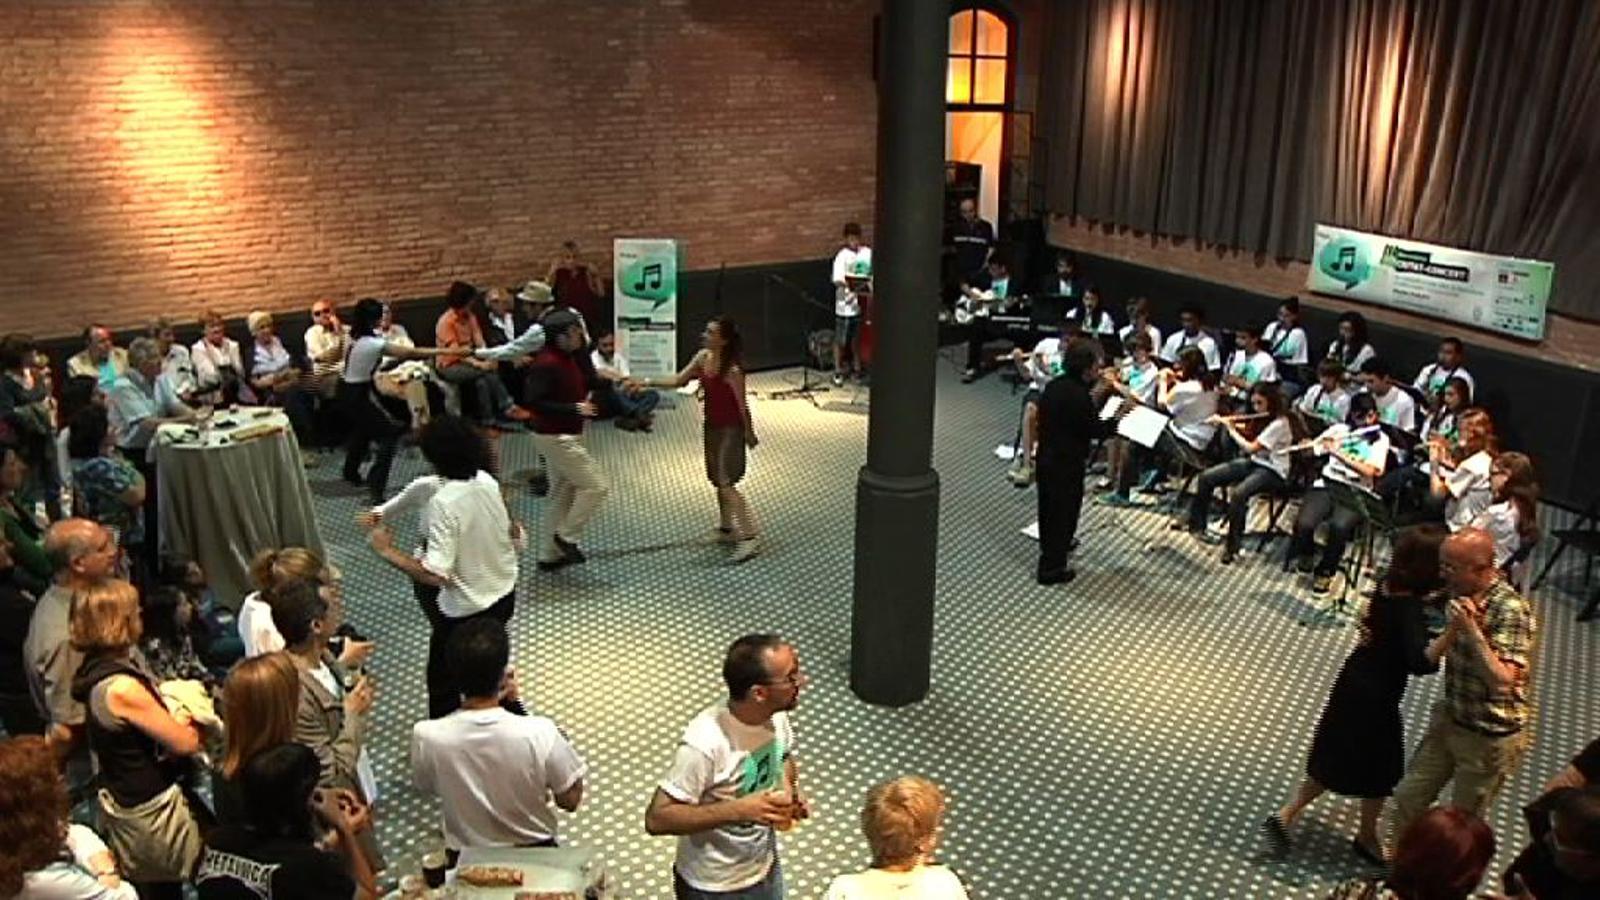 Barcelona Ciutat-Concert: 50 concerts simultanis per acostar la música als ciutadans